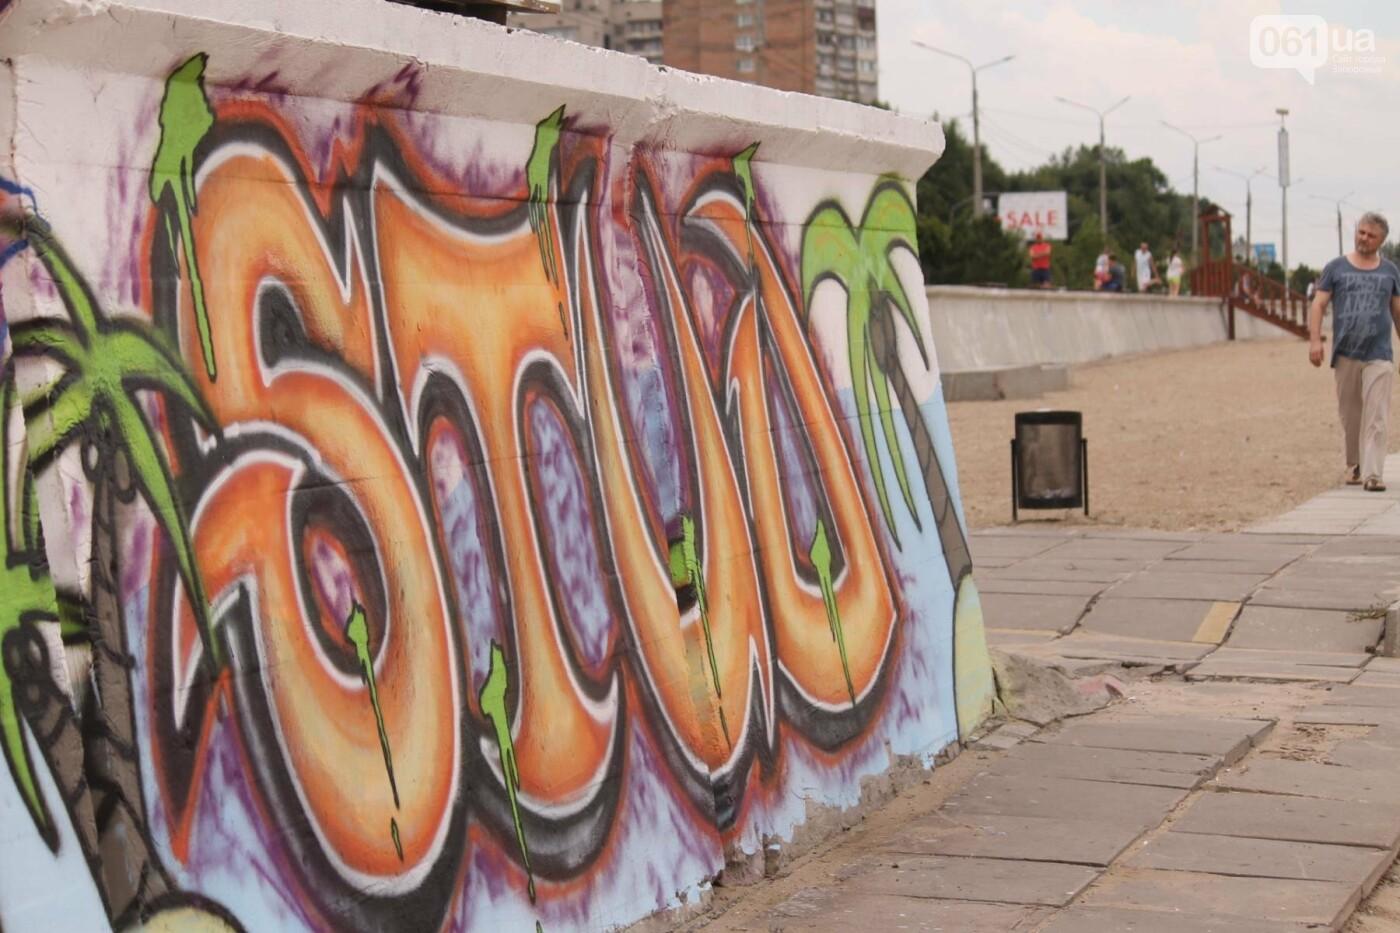 В Запорожье на пляже закончился фестиваль граффити: разрисовали 150 метров бетонной стены, – ФОТОРЕПОРТАЖ, фото-42